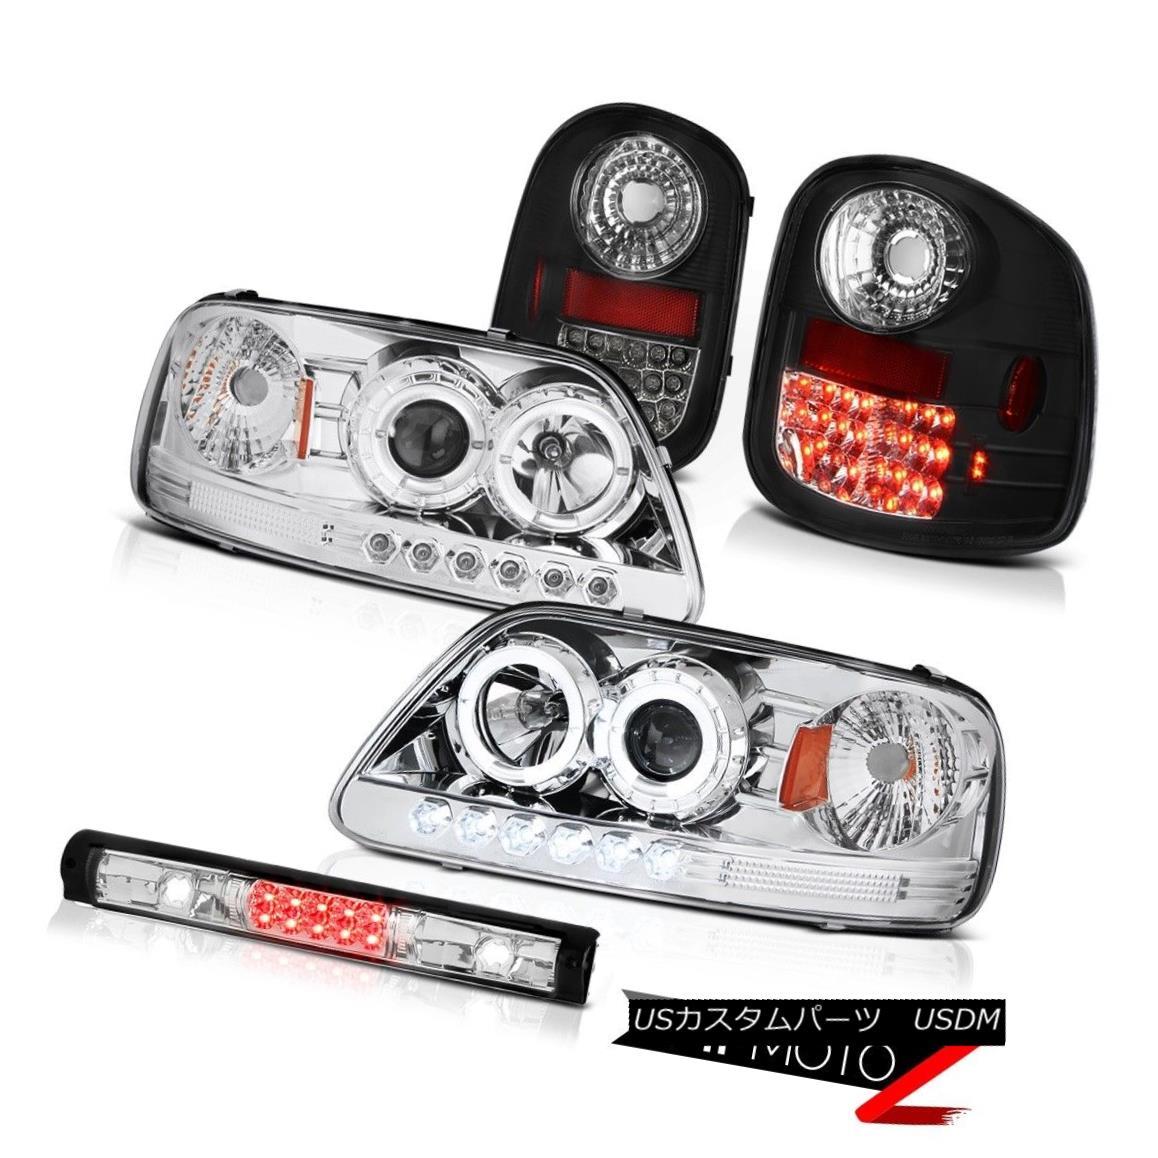 ヘッドライト Halo Headlights L.E.D Rear Tail Lights 3rd Brake LED 97-03 F150 Flareside 4.6L ハローヘッドライトL.E.Dリアテールライト第3ブレーキLED 97-03 F150フラレージド4.6L